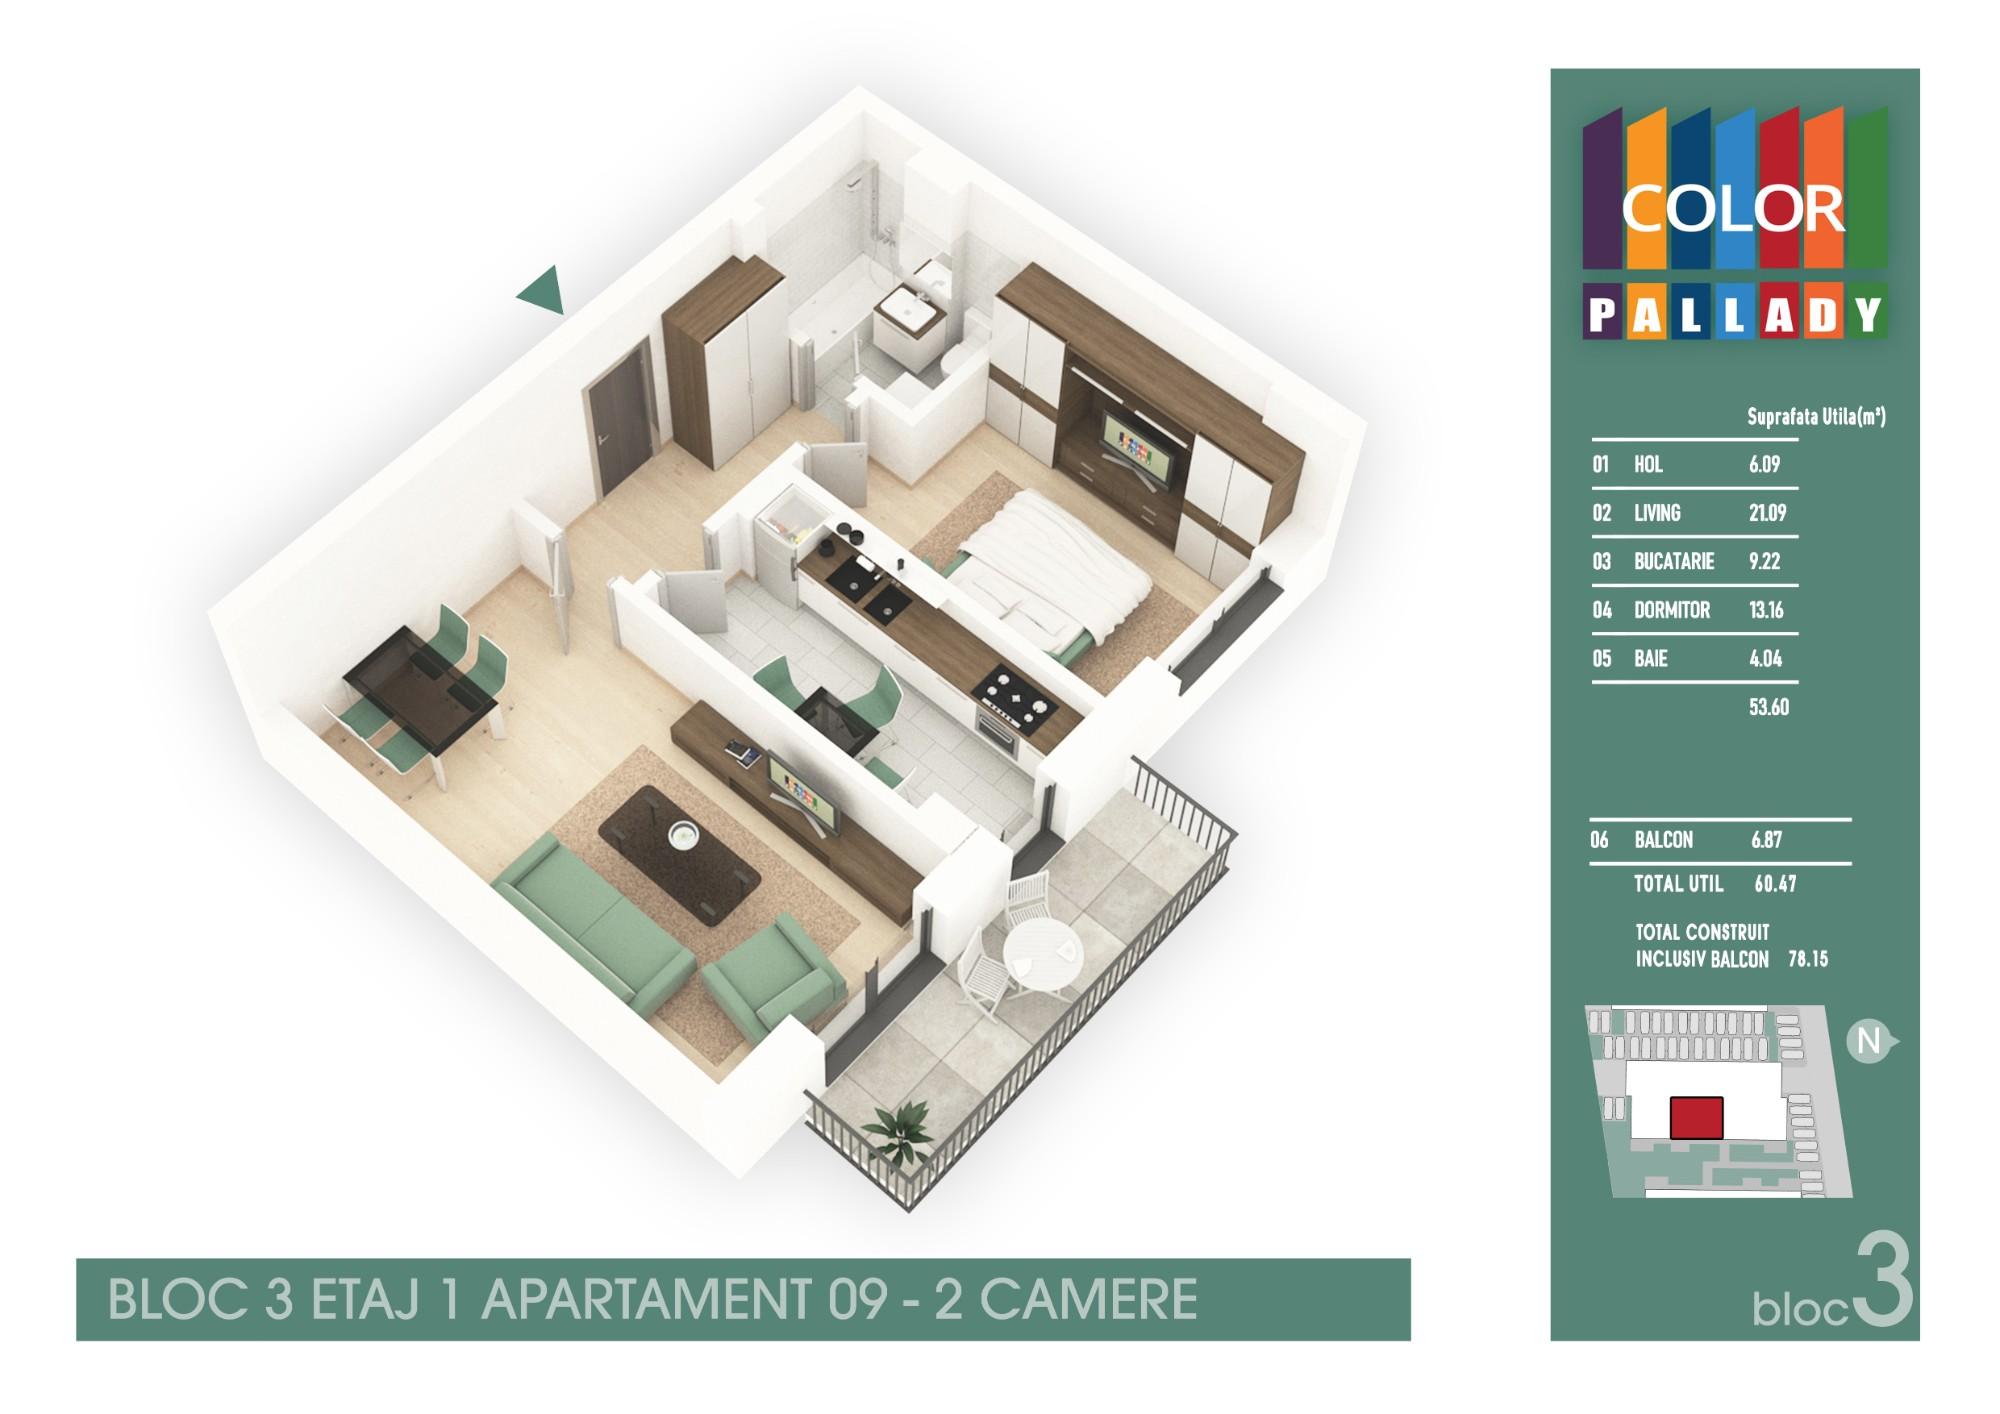 Bloc 3 - Etaj 1 - Apartament 09